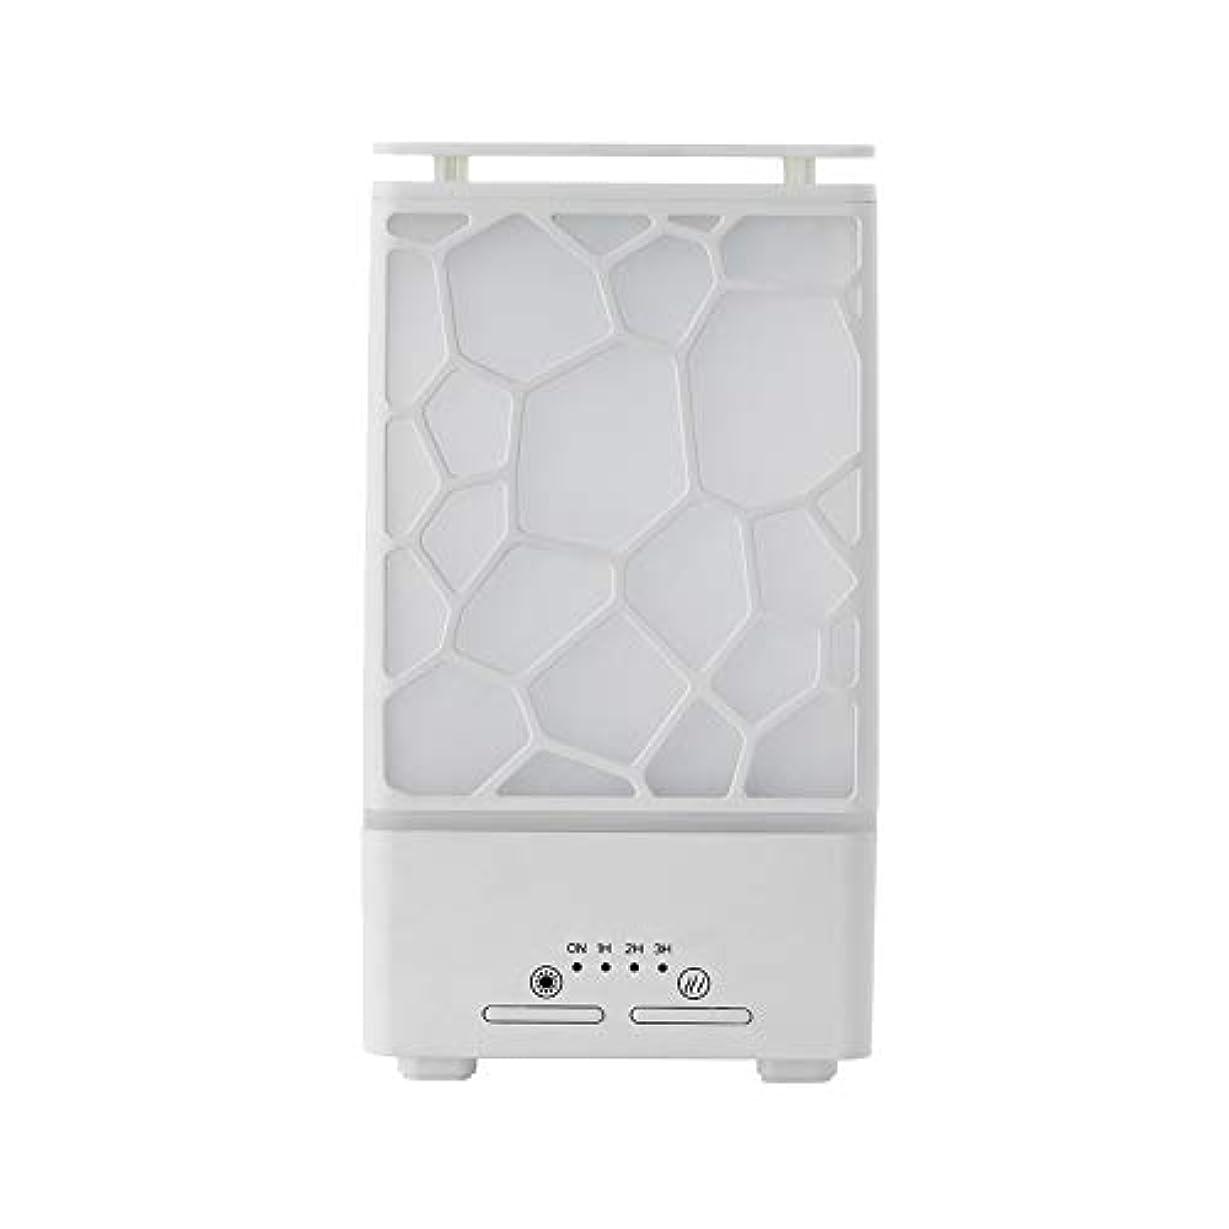 フリル蛾剛性yanQxIzbiu Essential Oil Diffuser Geometric Plaid Aroma Essential Oil Diffuser Home Office LED Lights Humidifier...